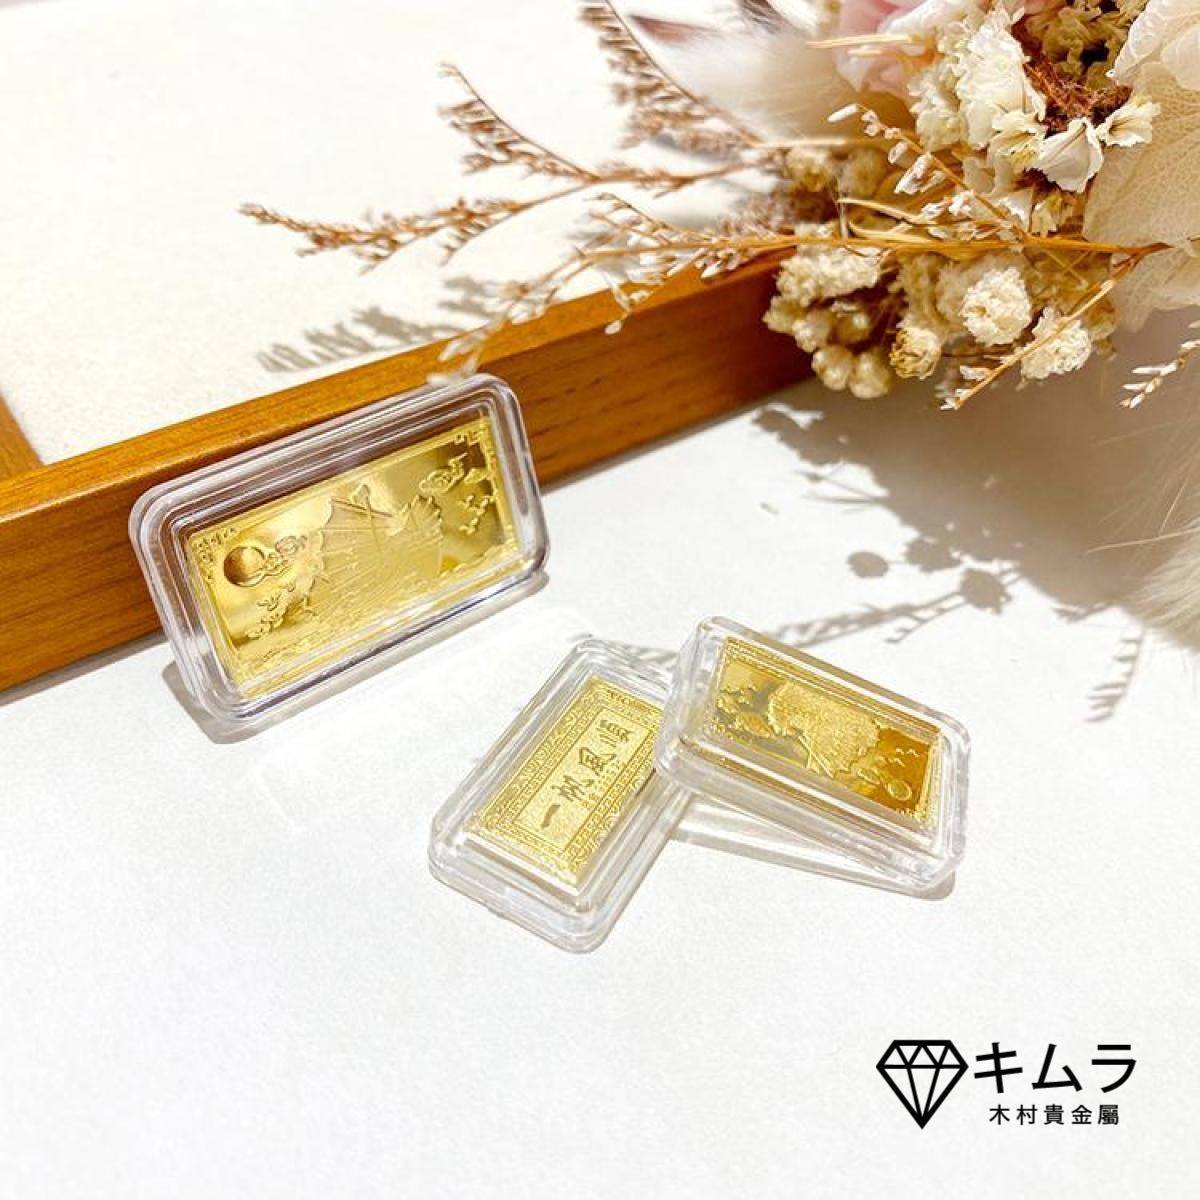 黃金9999精裝禮盒金條,印有馬到成功、大展鴻圖、一帆風順、龍鳳呈祥等吉祥語是送禮首選